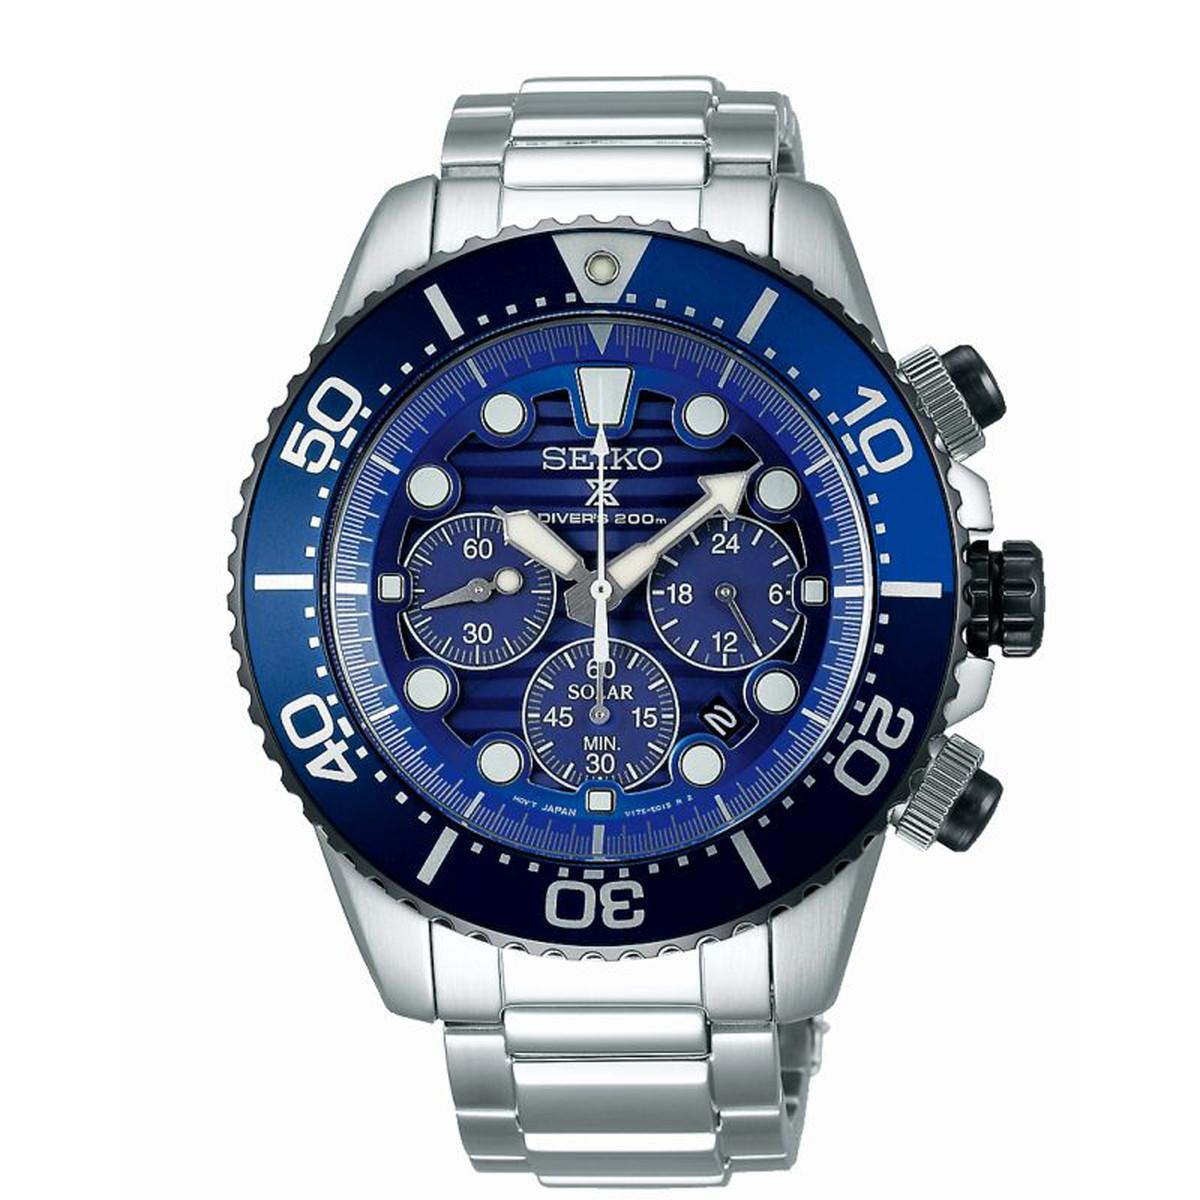 200m Prospex Ssc675p1 Seiko Montre Diver's QdhCrsxotB